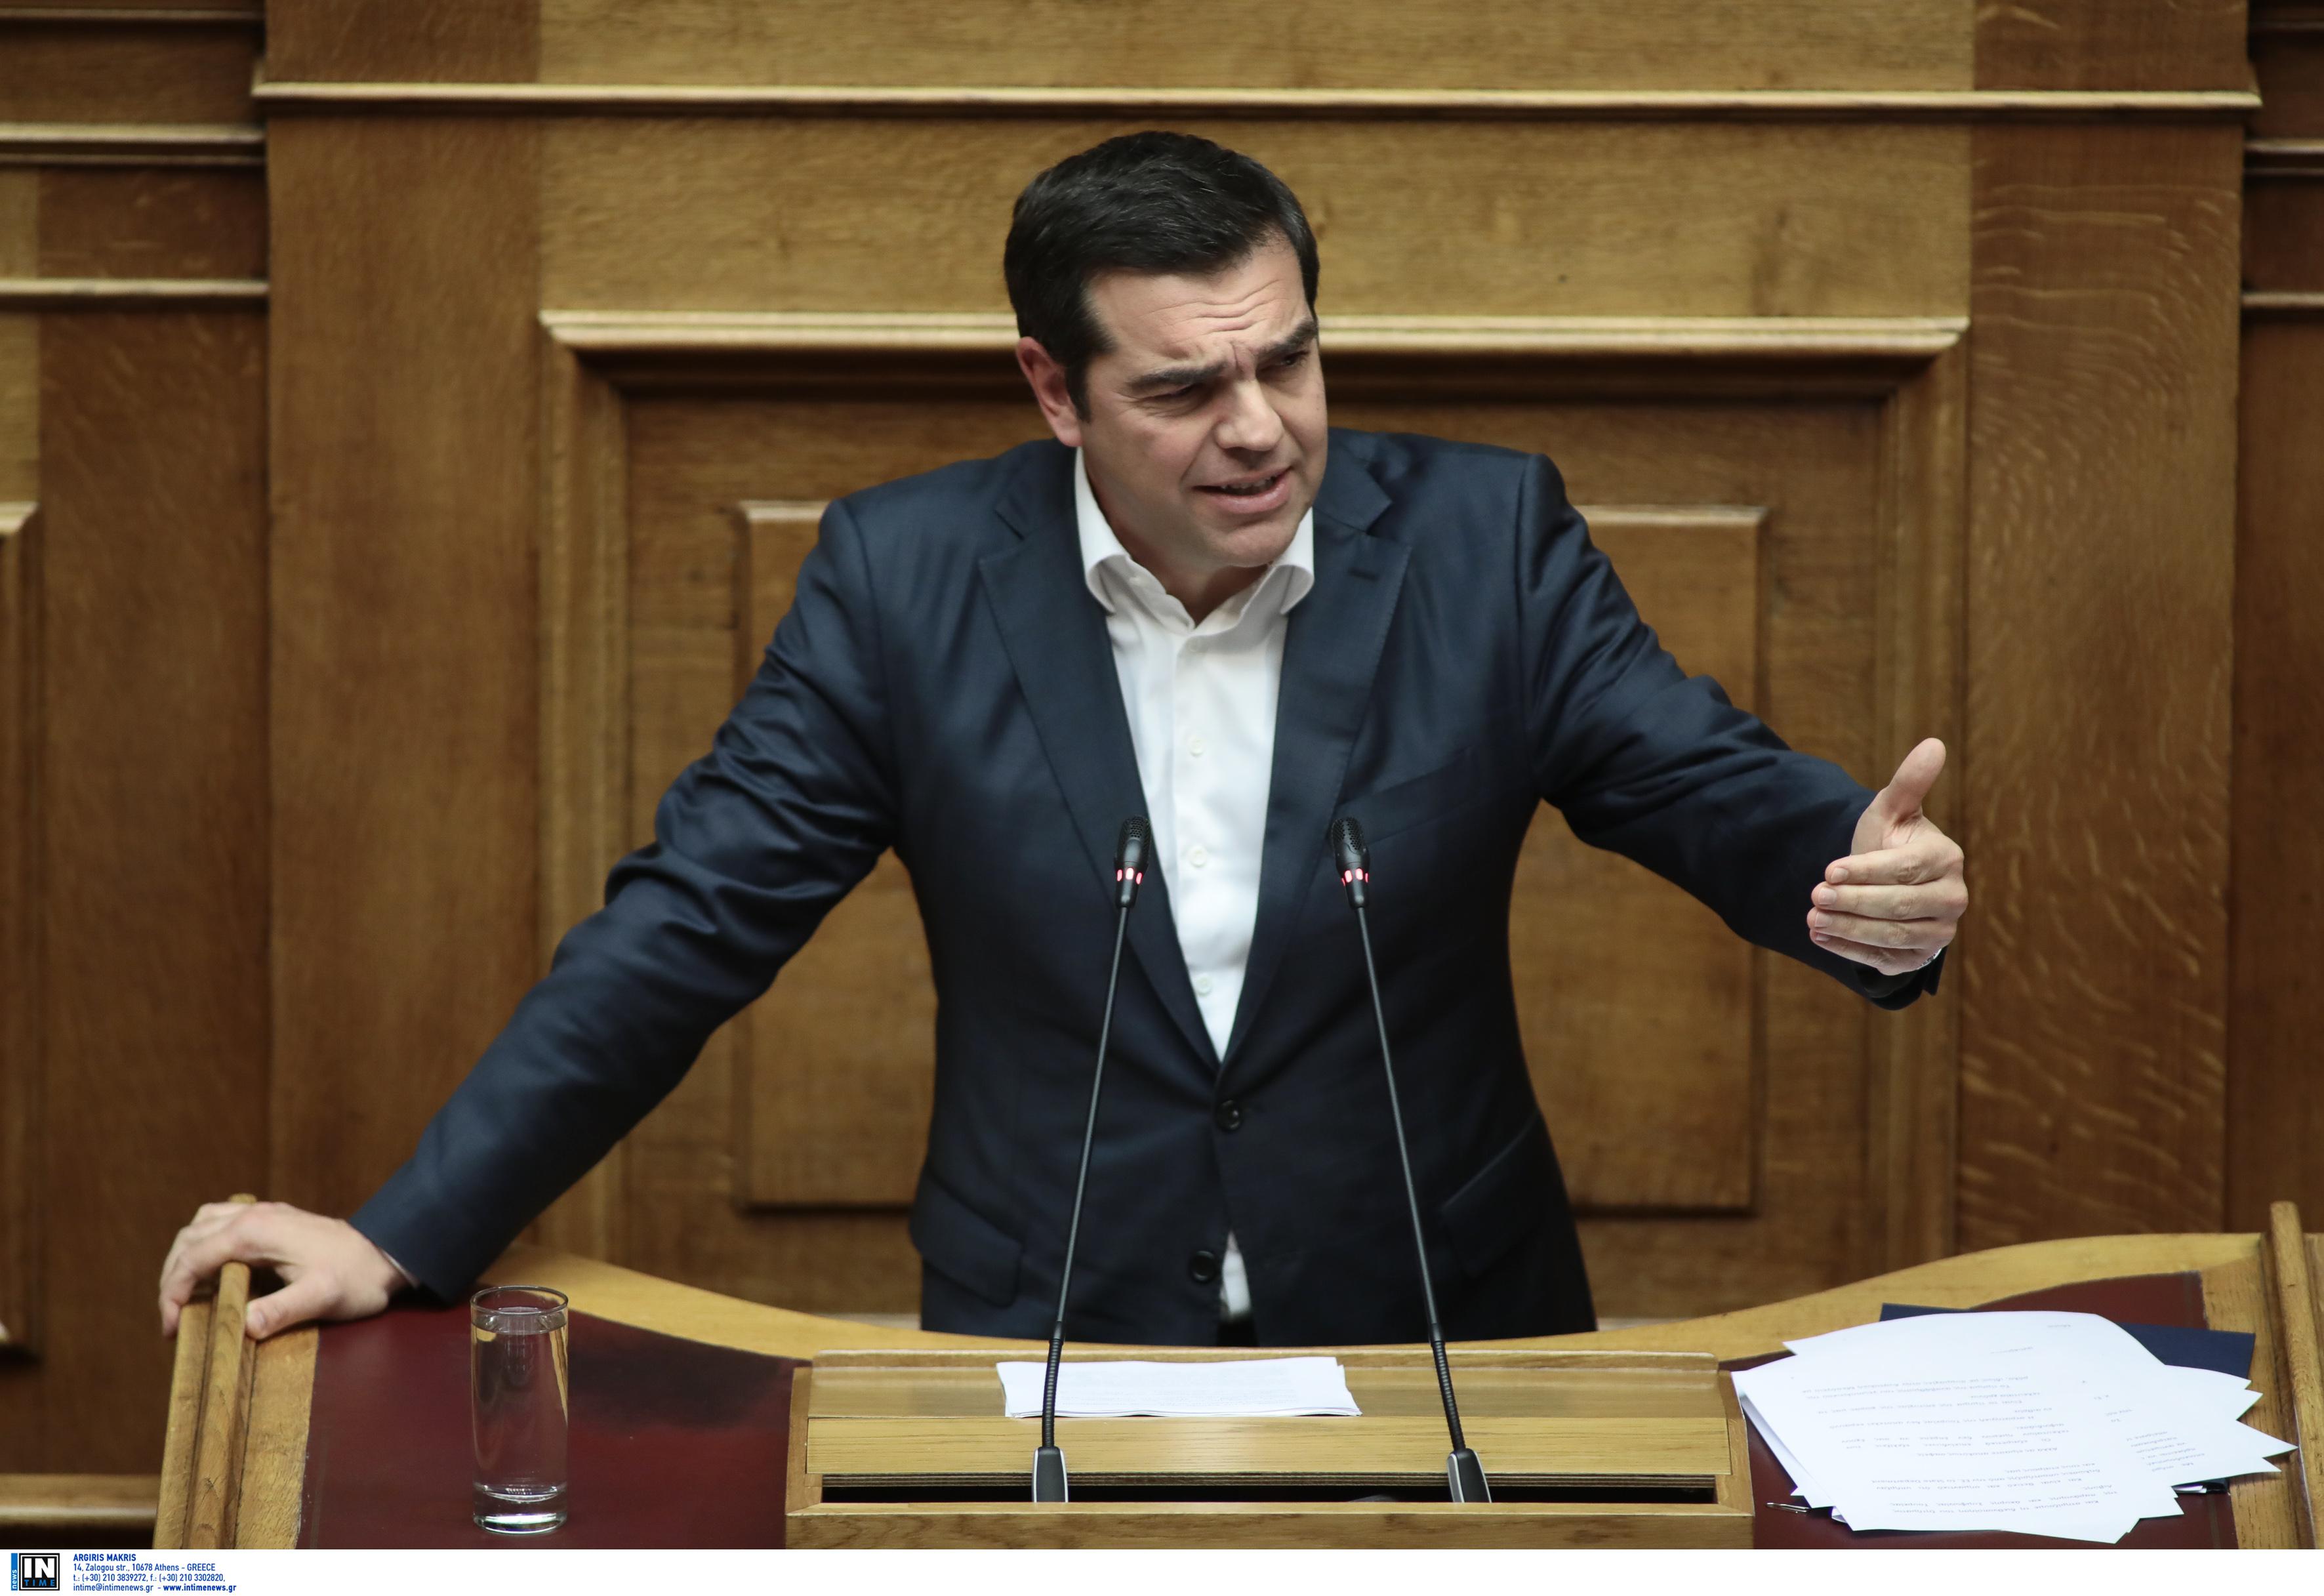 «Πάει πολύ να μας κάνει μαθήματα ήθους ο Μητσοτάκης» - Περιμένει… δικαίωση για τη Συμφωνία των Πρεσπών ο ΣΥΡΙΖΑ